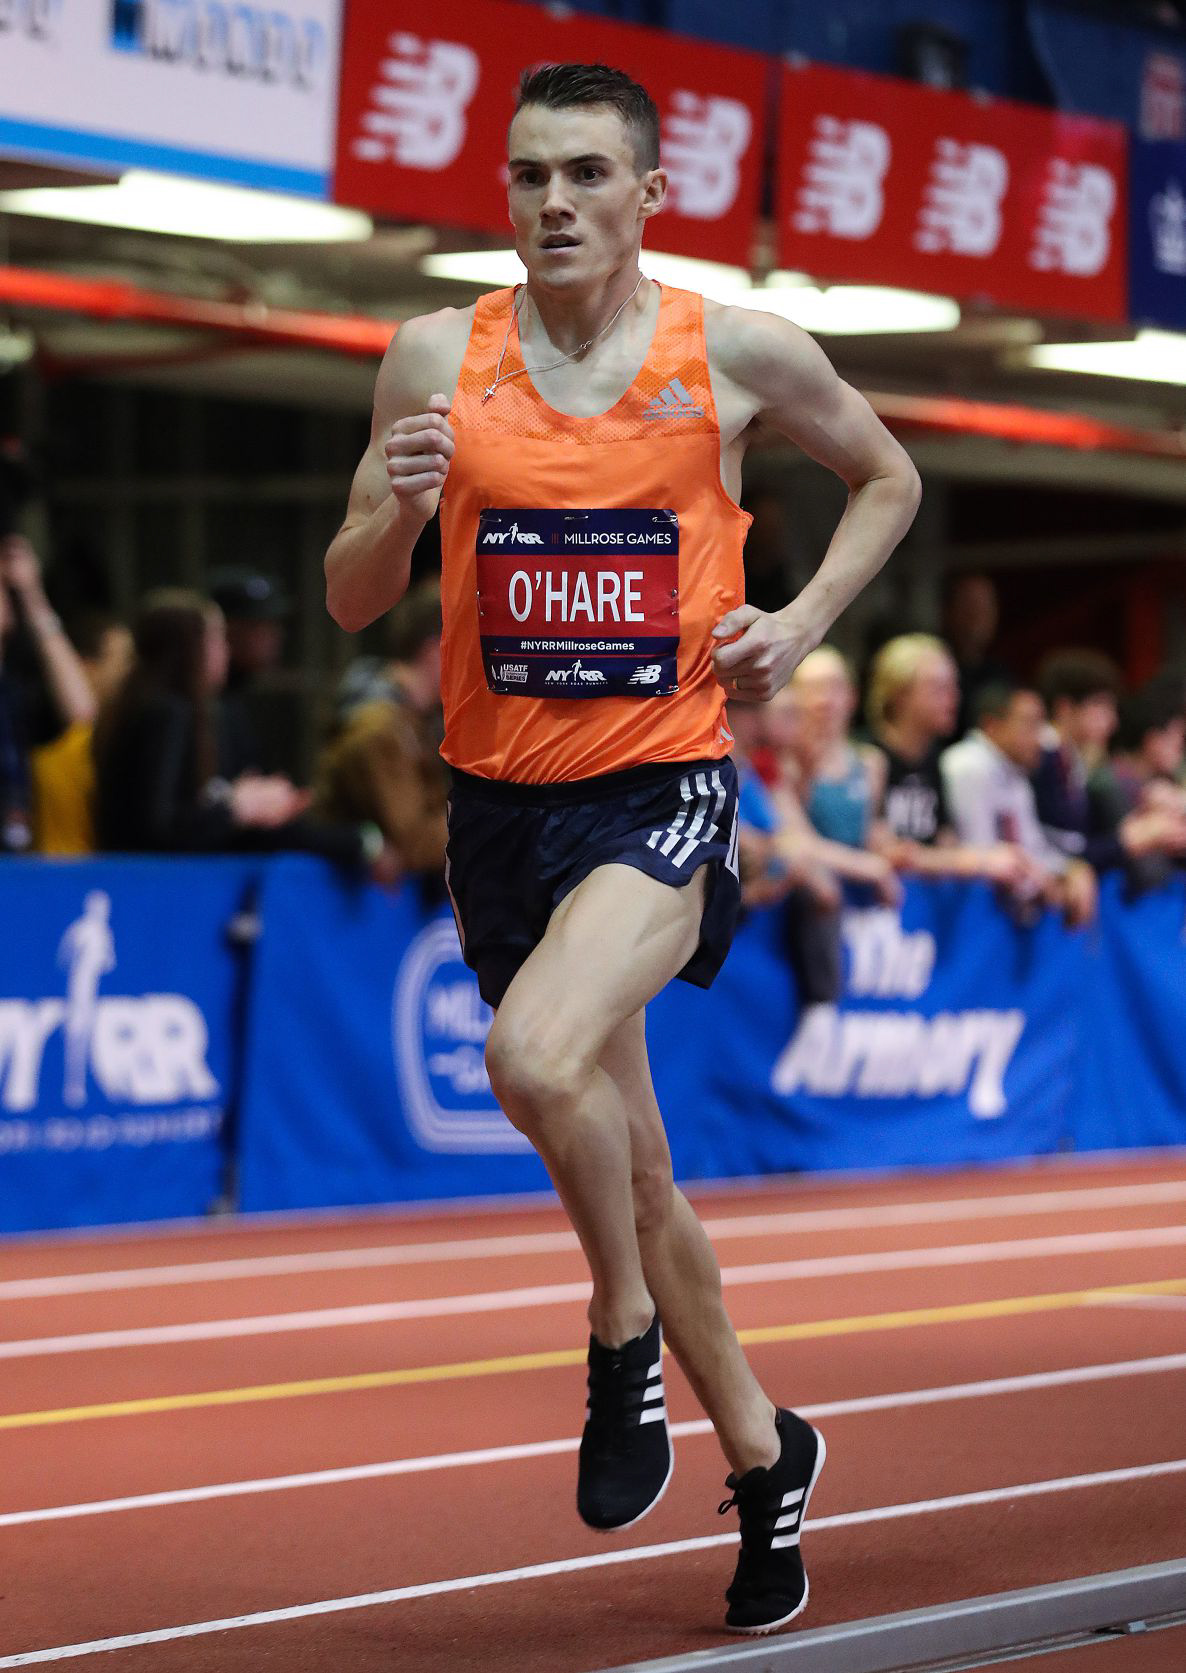 Chris Ohare